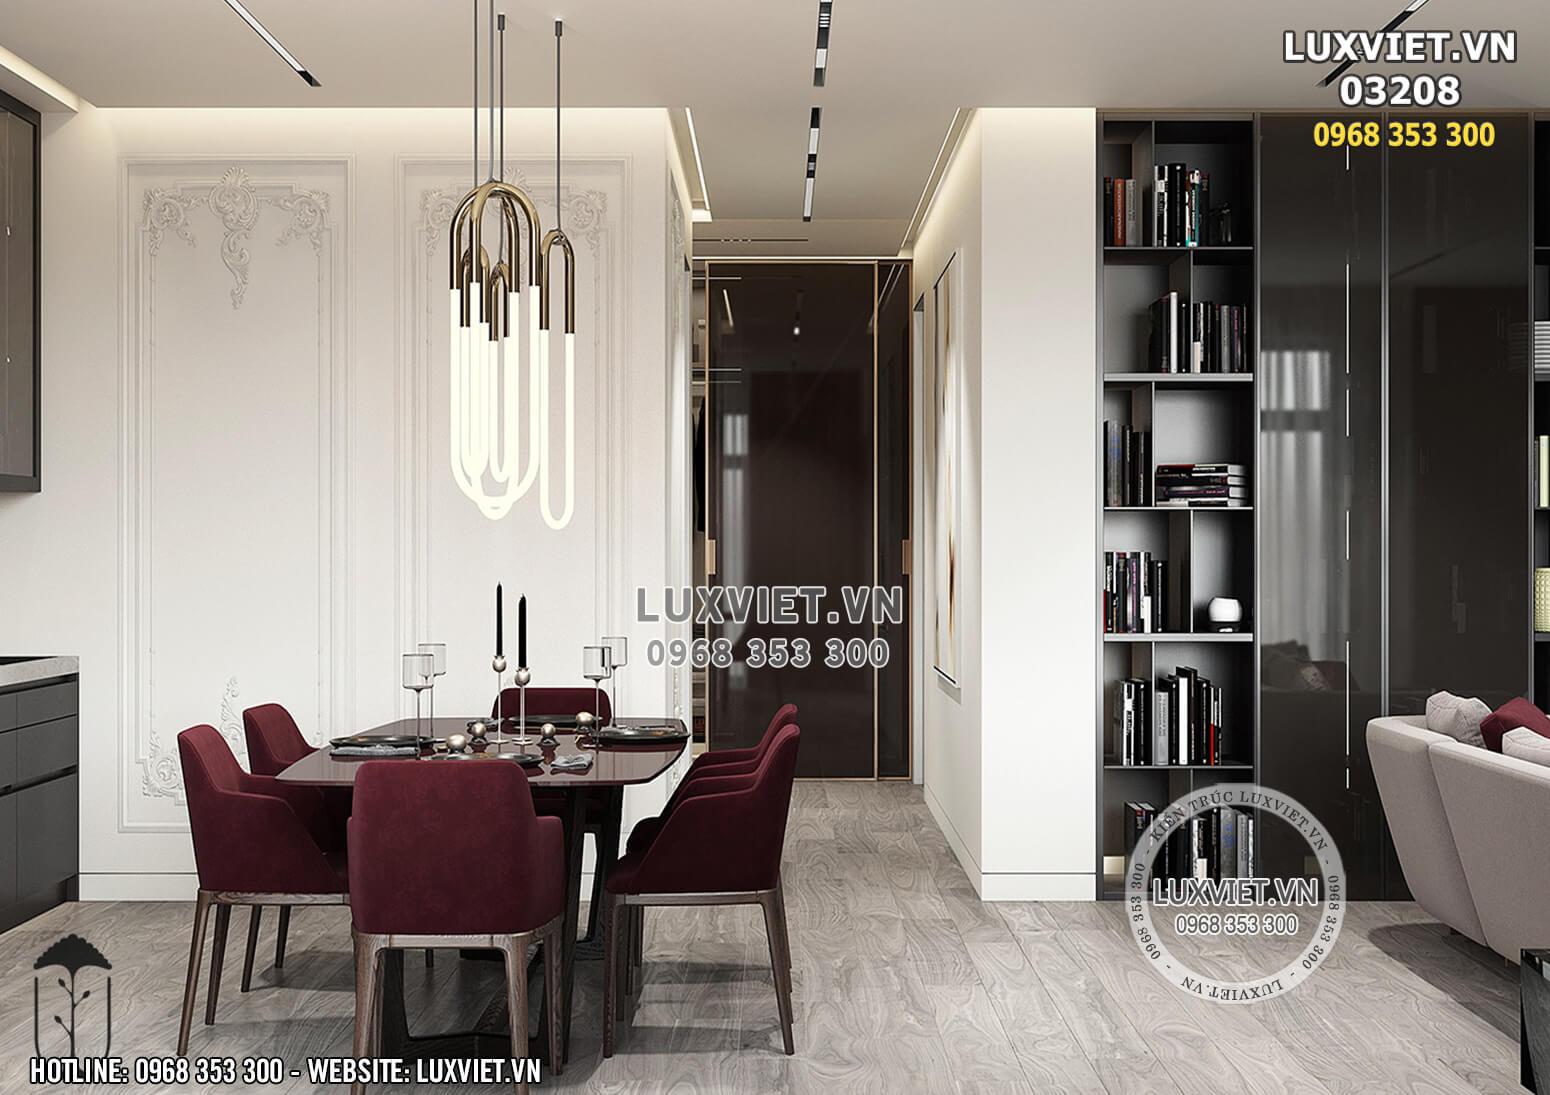 Hình ảnh: Phòng ăn phong cách hiện đại - LV 03208